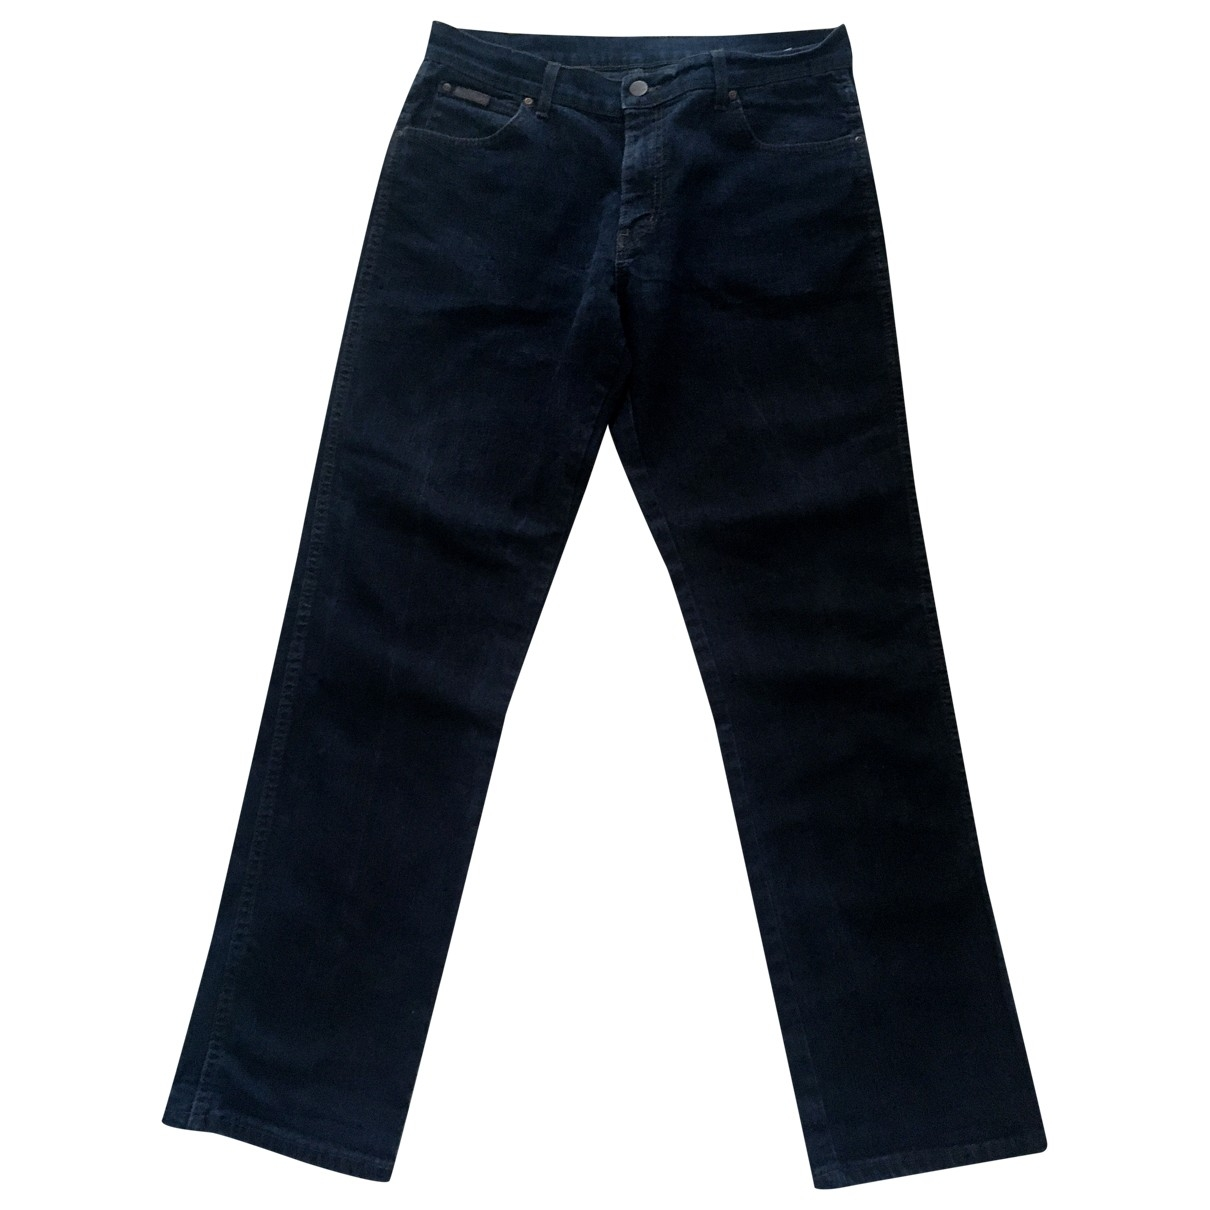 Wrangler \N Blue Cotton - elasthane Jeans for Men 46 FR